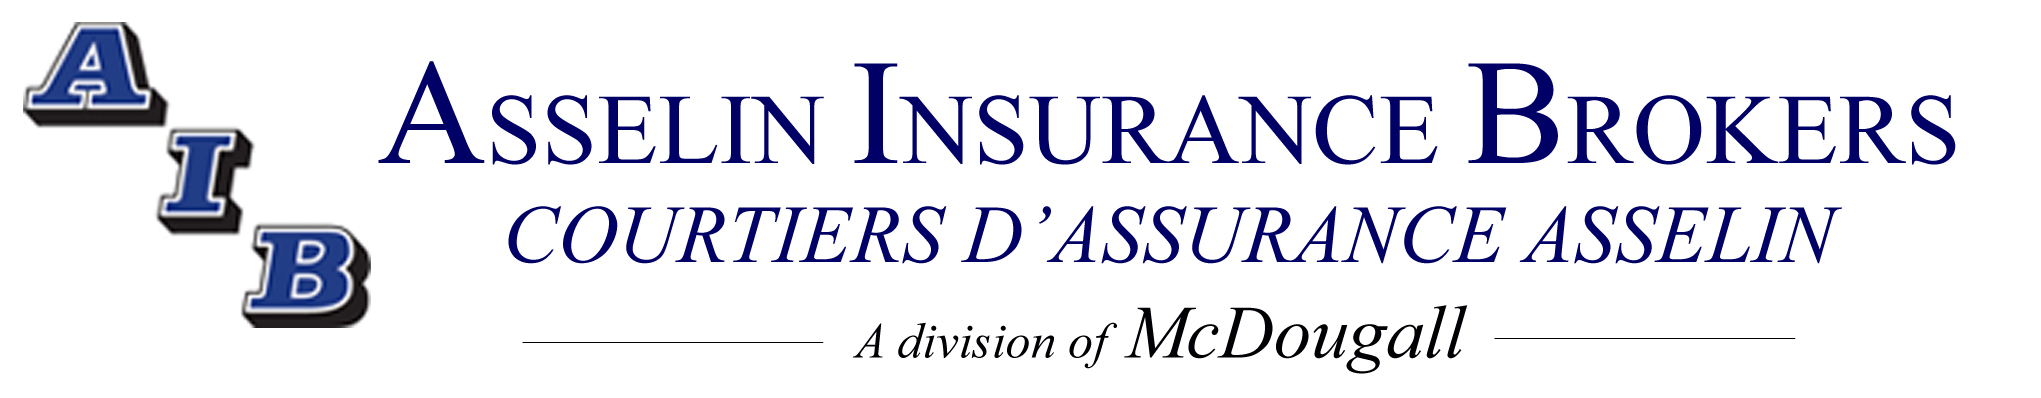 Asselin Insurance Brokers Limited Logo